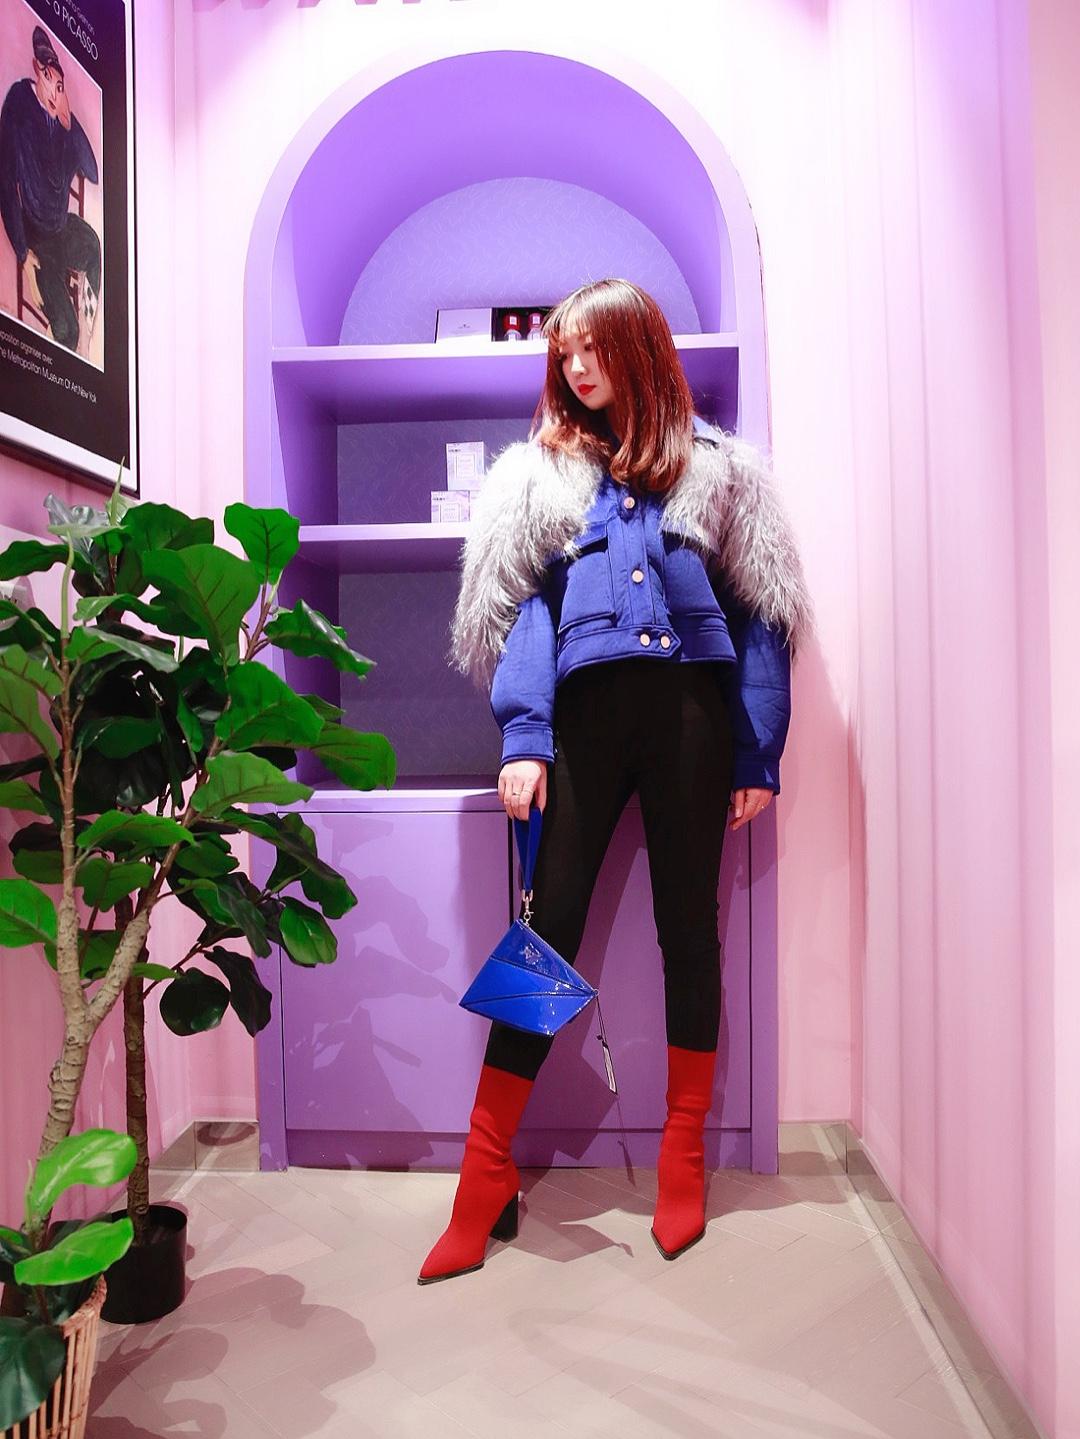 #北京网红地打卡のPLAY LOUNGE三里屯店# 走进PLAY LOUNGE三里屯店,来自于后现代主义装饰风格灵感的店内设计会让你耳目一新,让你有站在时尚源头的返璞归真之感。夸张皮草拼接短外套让你气场十足,搭配撞色袜靴,超级时髦哦~👢